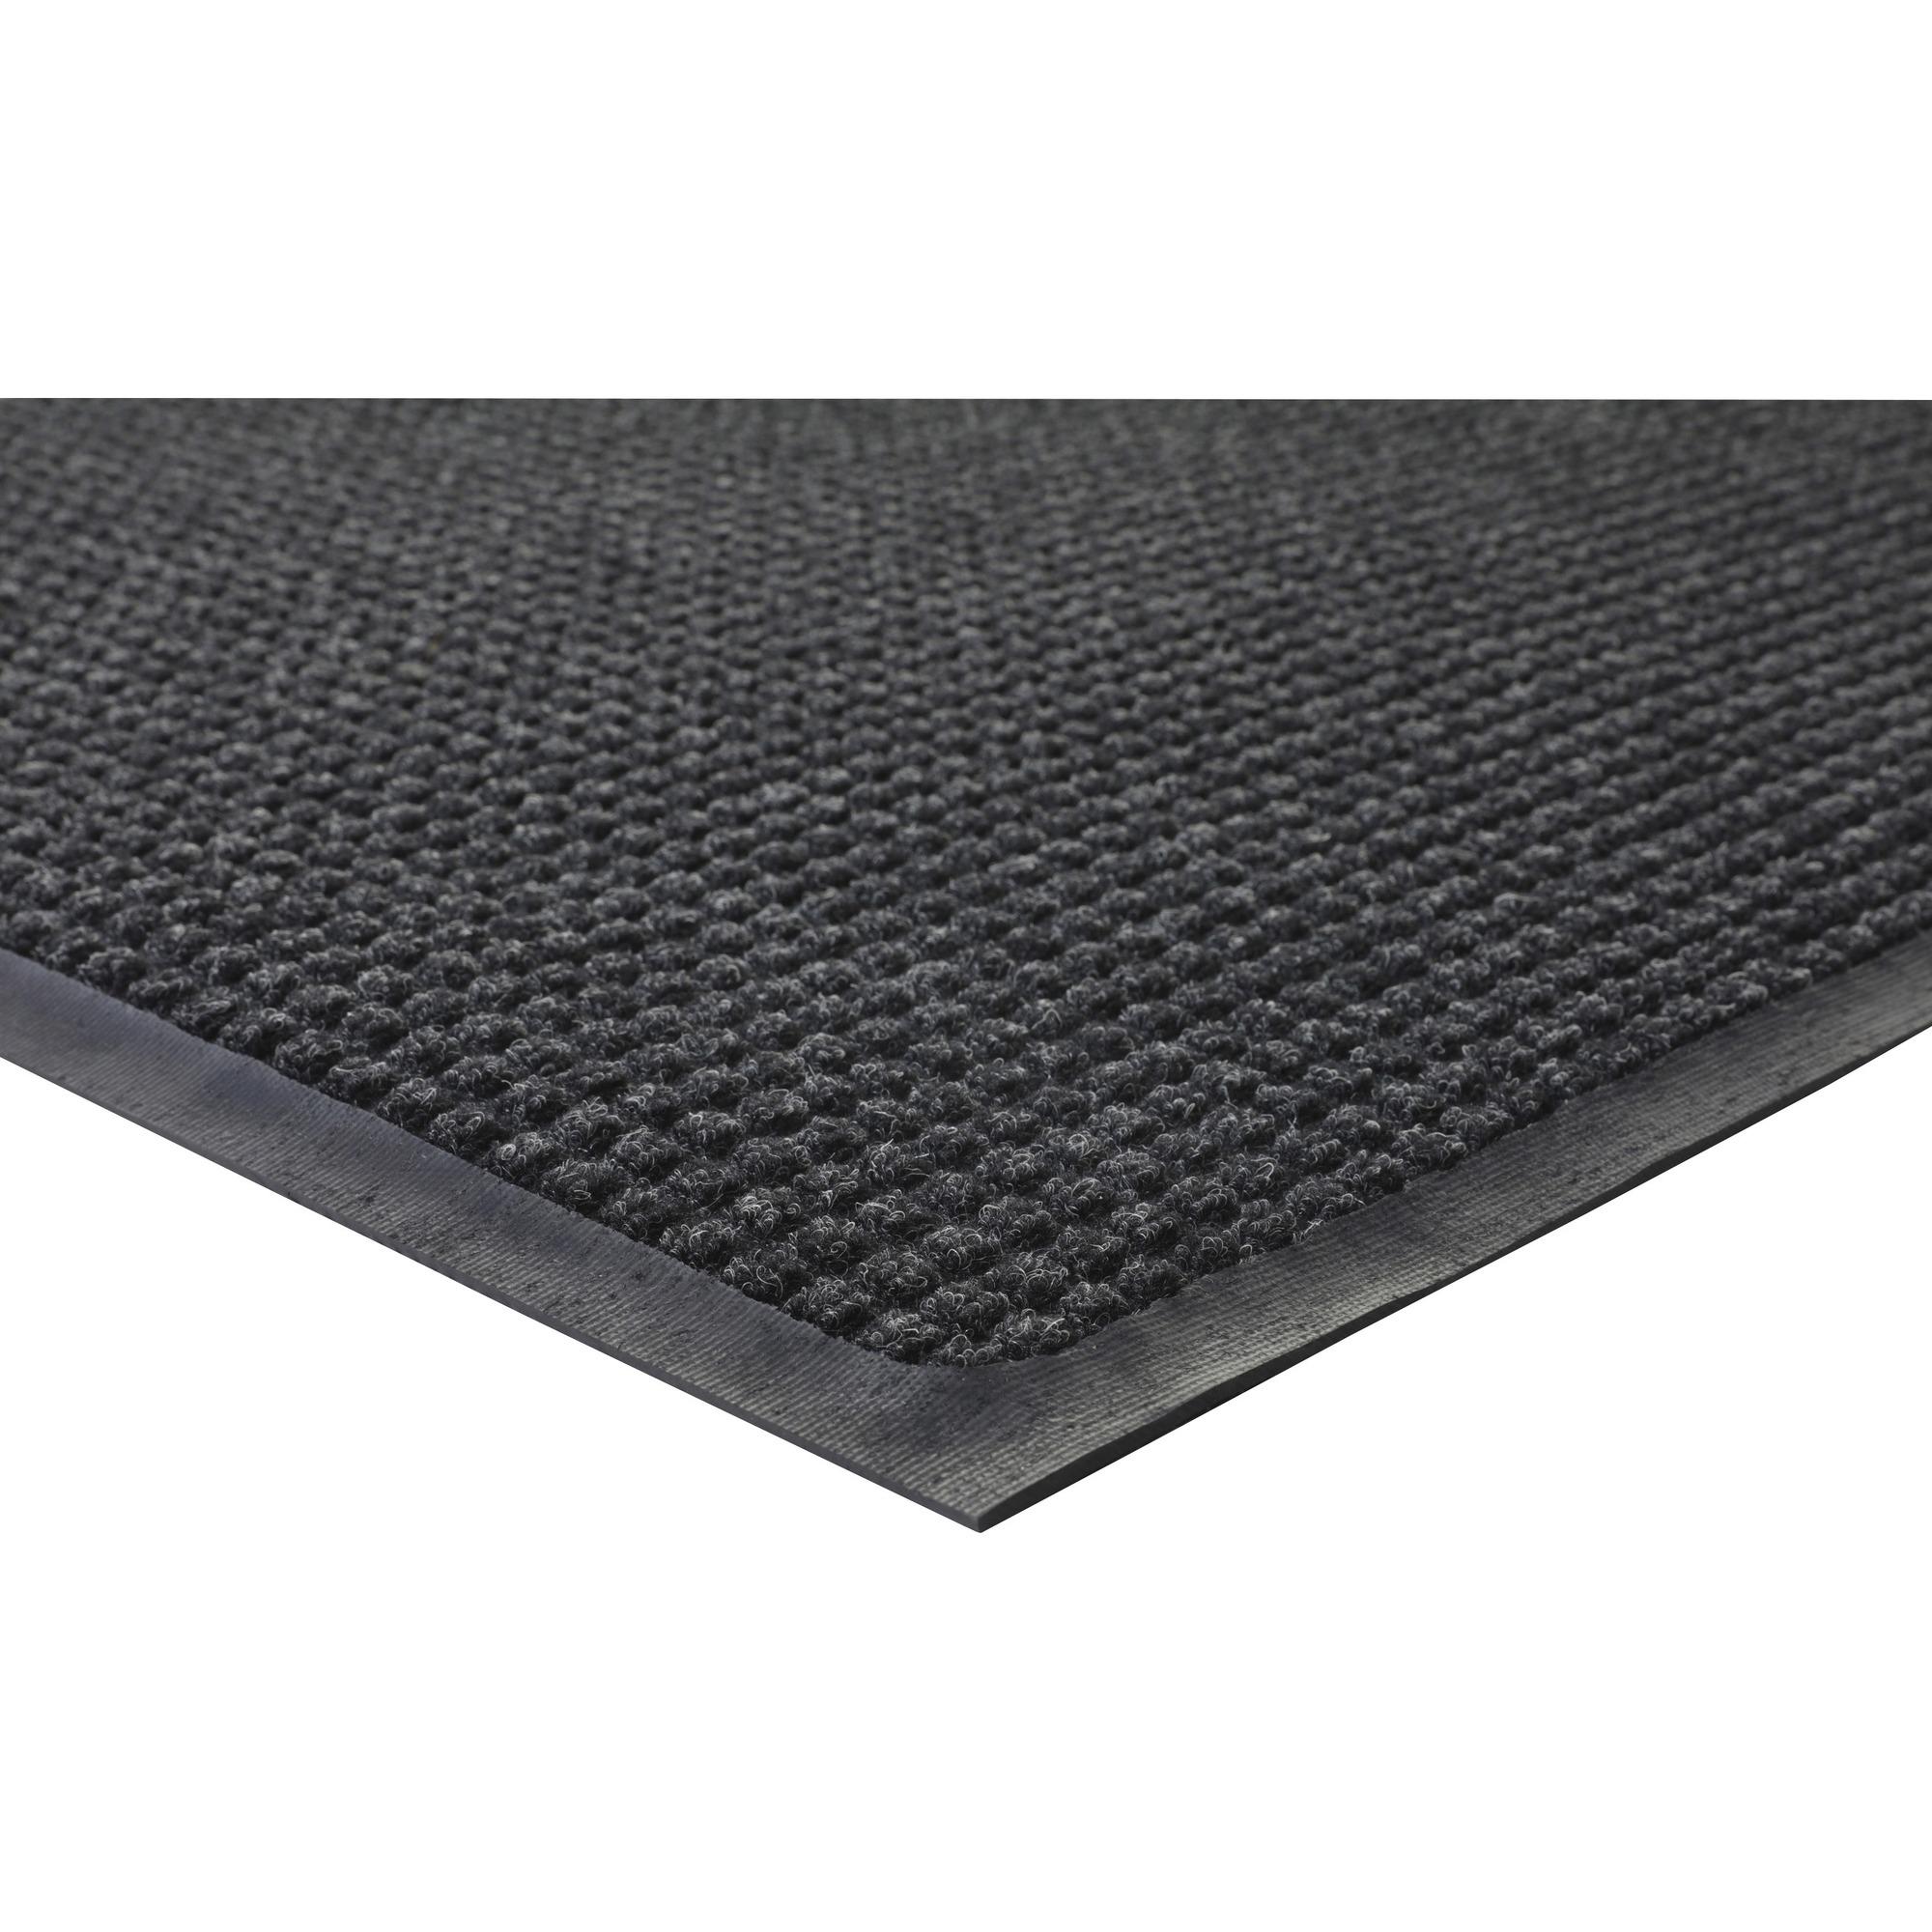 Genuine Joe Waterguard Indoor/outdoor Mats - Carpeted Floor, Hard Floor, Indoor, Outdoor - 60 Length X 36 Width - Rubber, Polypropylene - Charcoal Gray